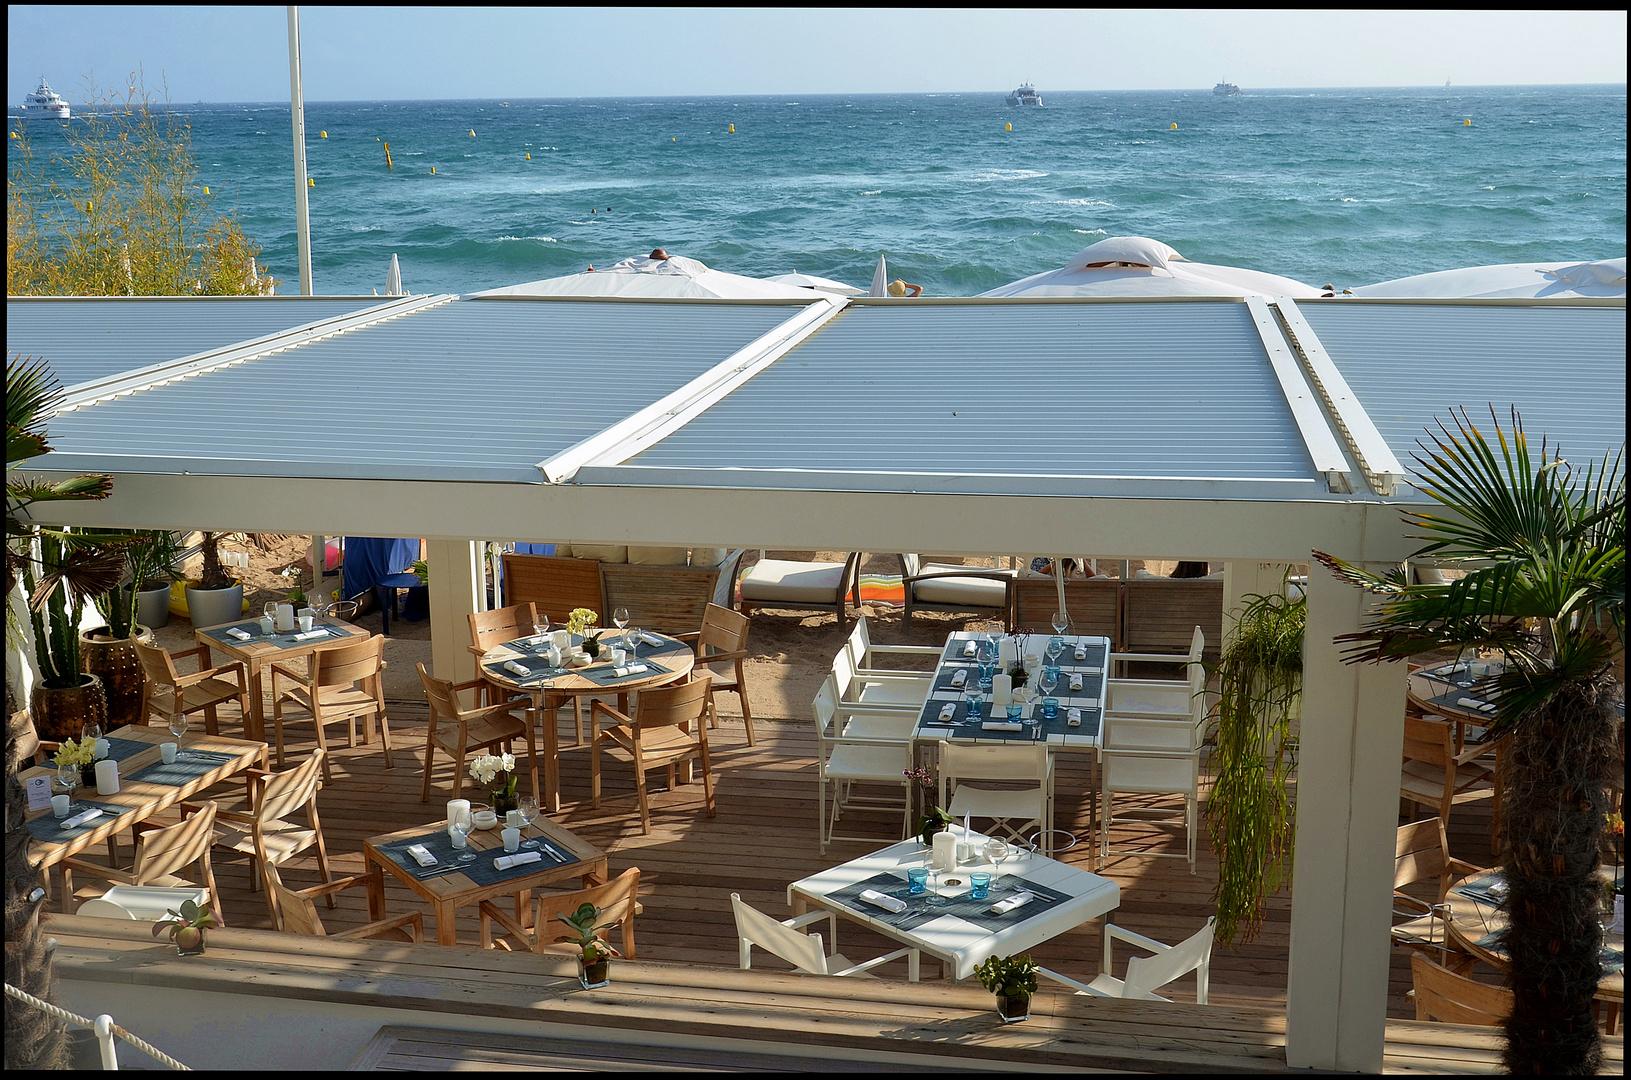 Strandrestaurant in cannes 2